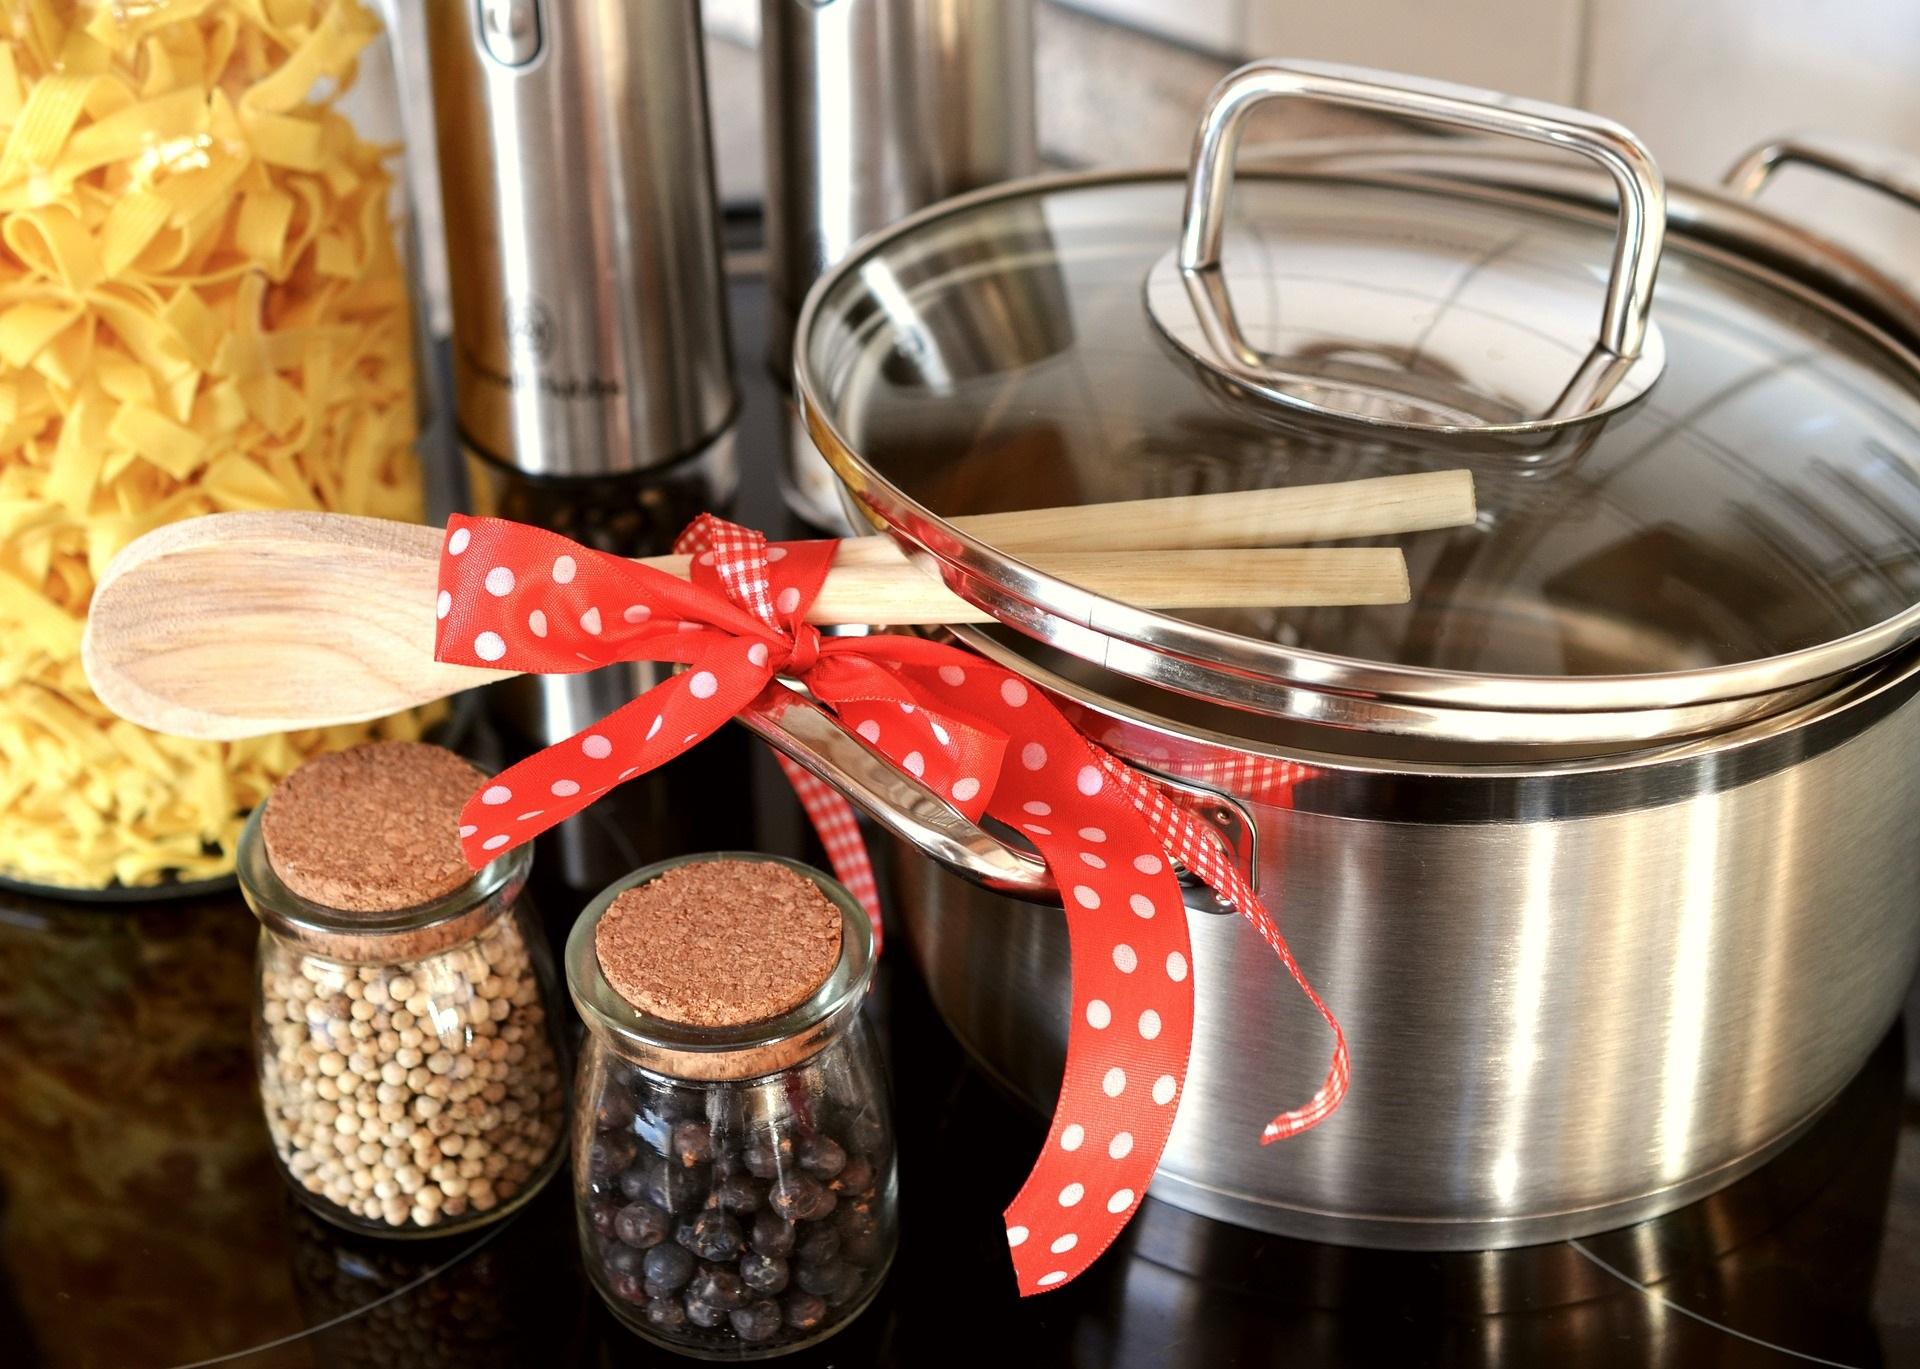 Come cucinare i cibi in modo sano: gli errori da evitare